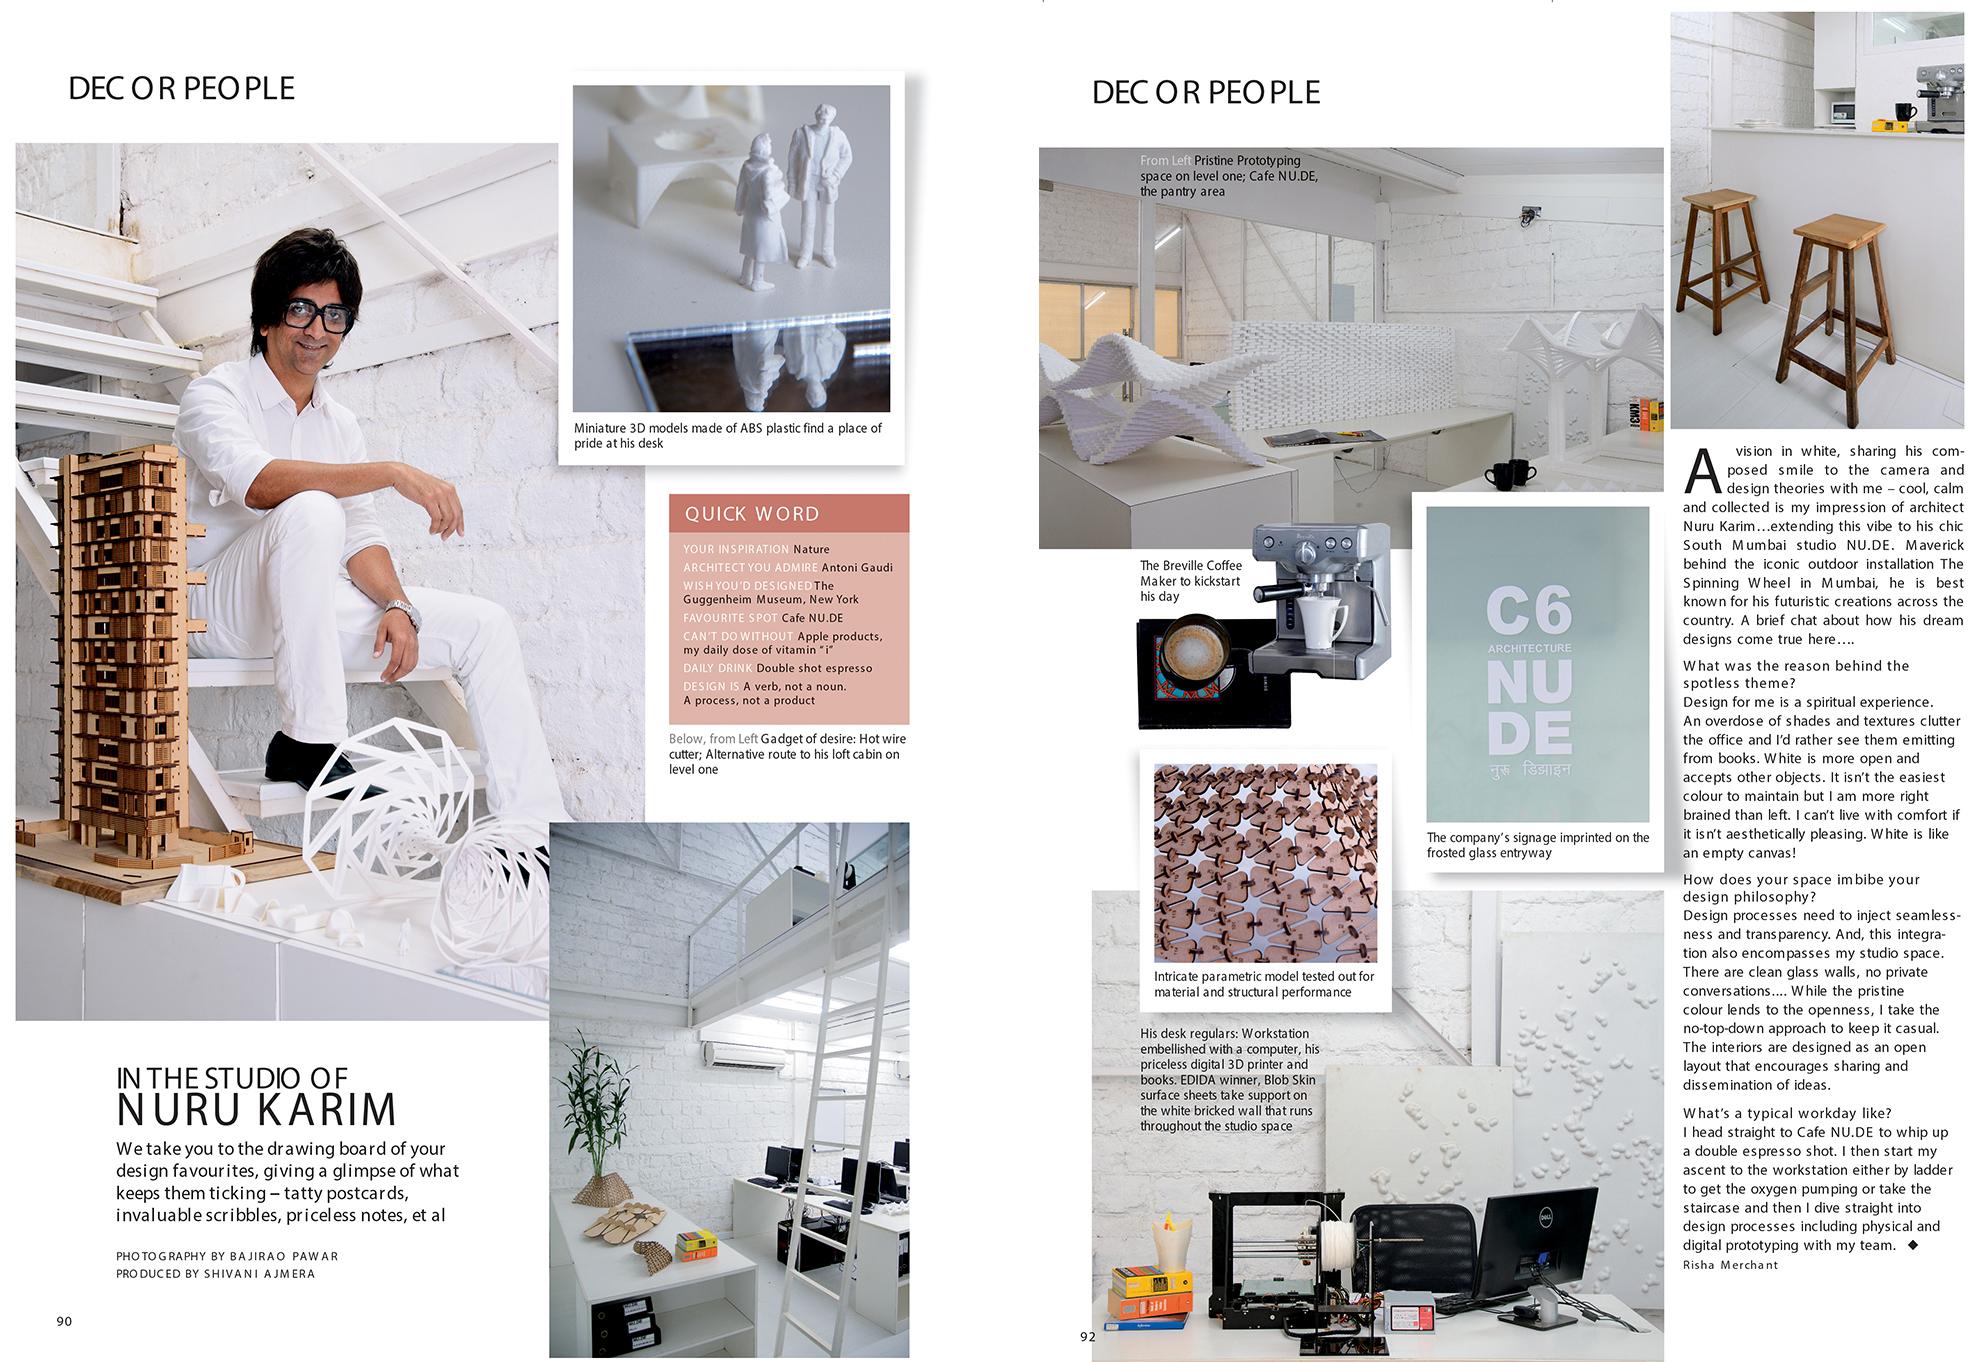 Image : Elle Decor publication; Decor People